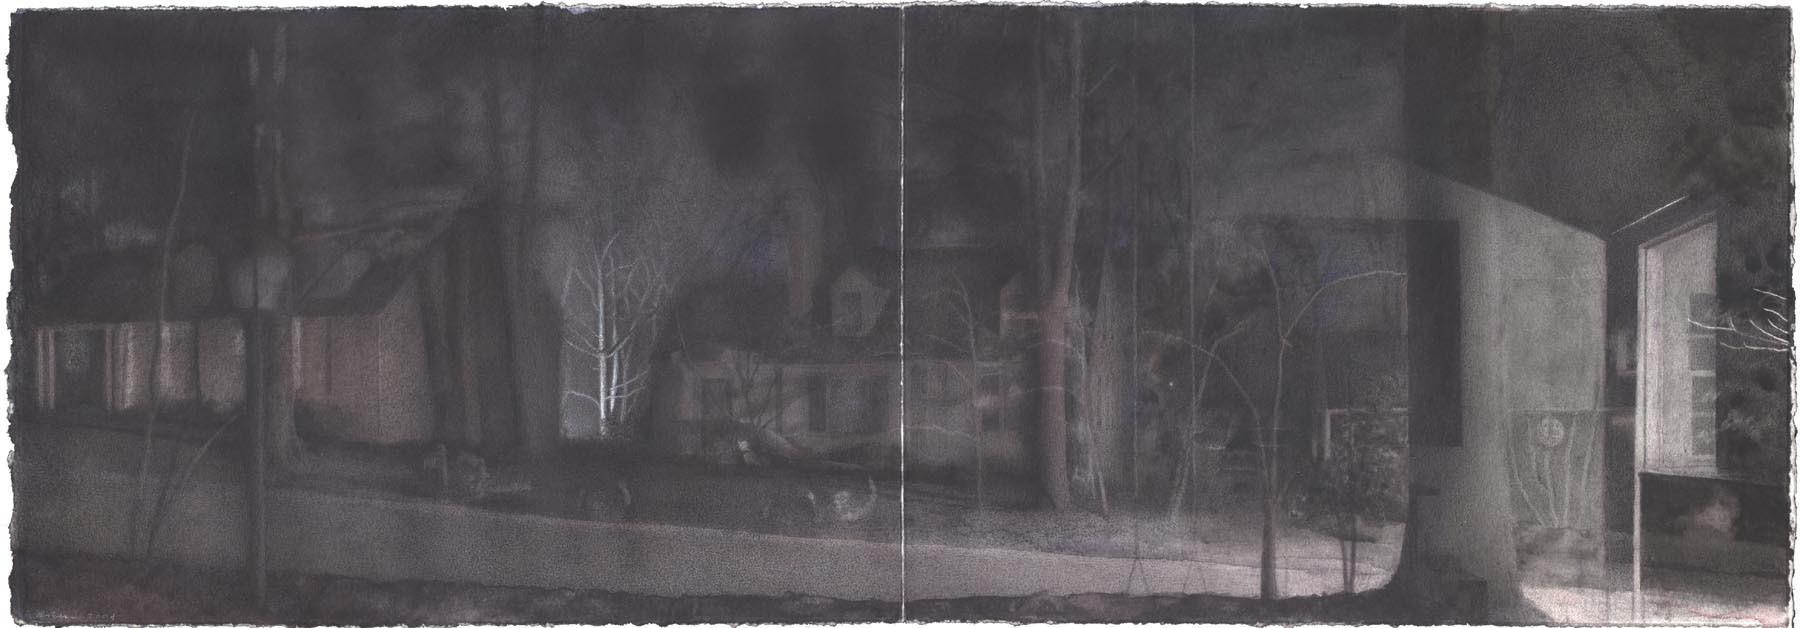 Folded Night image